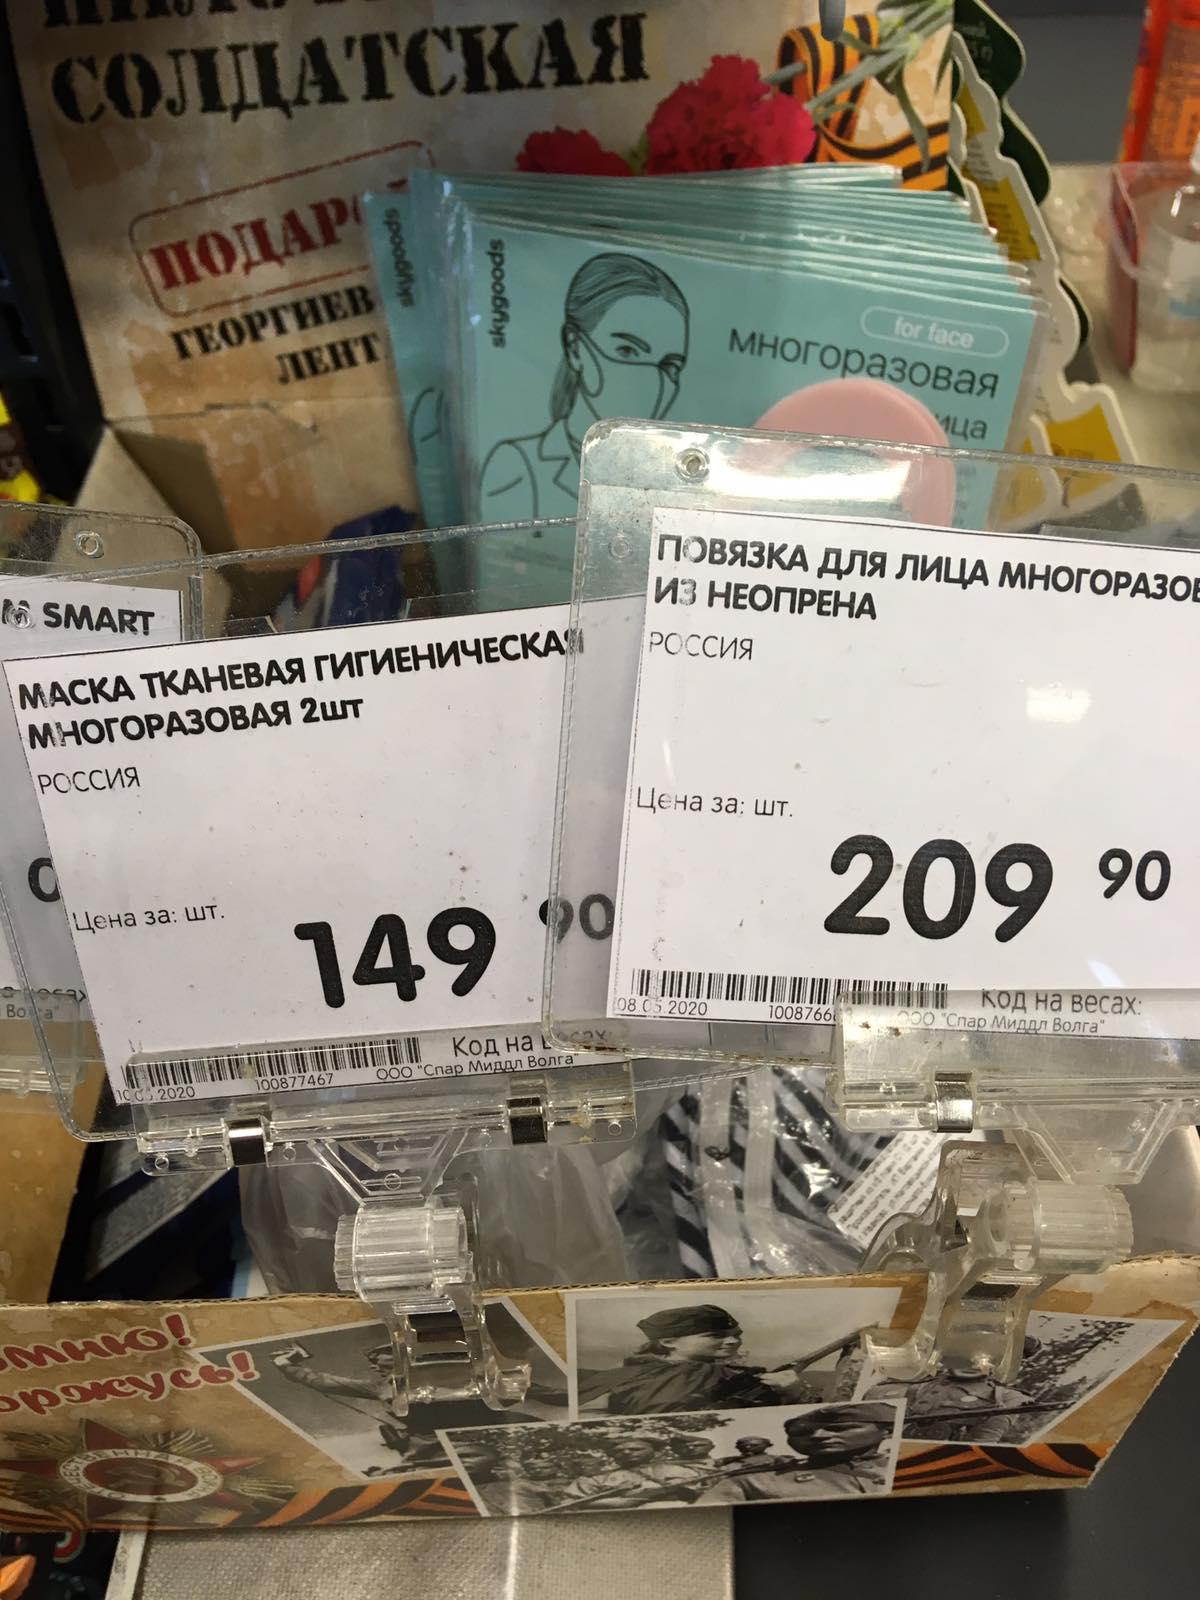 """""""Масочный режим"""" пензенского губернатора Белозерцева. Почём?"""